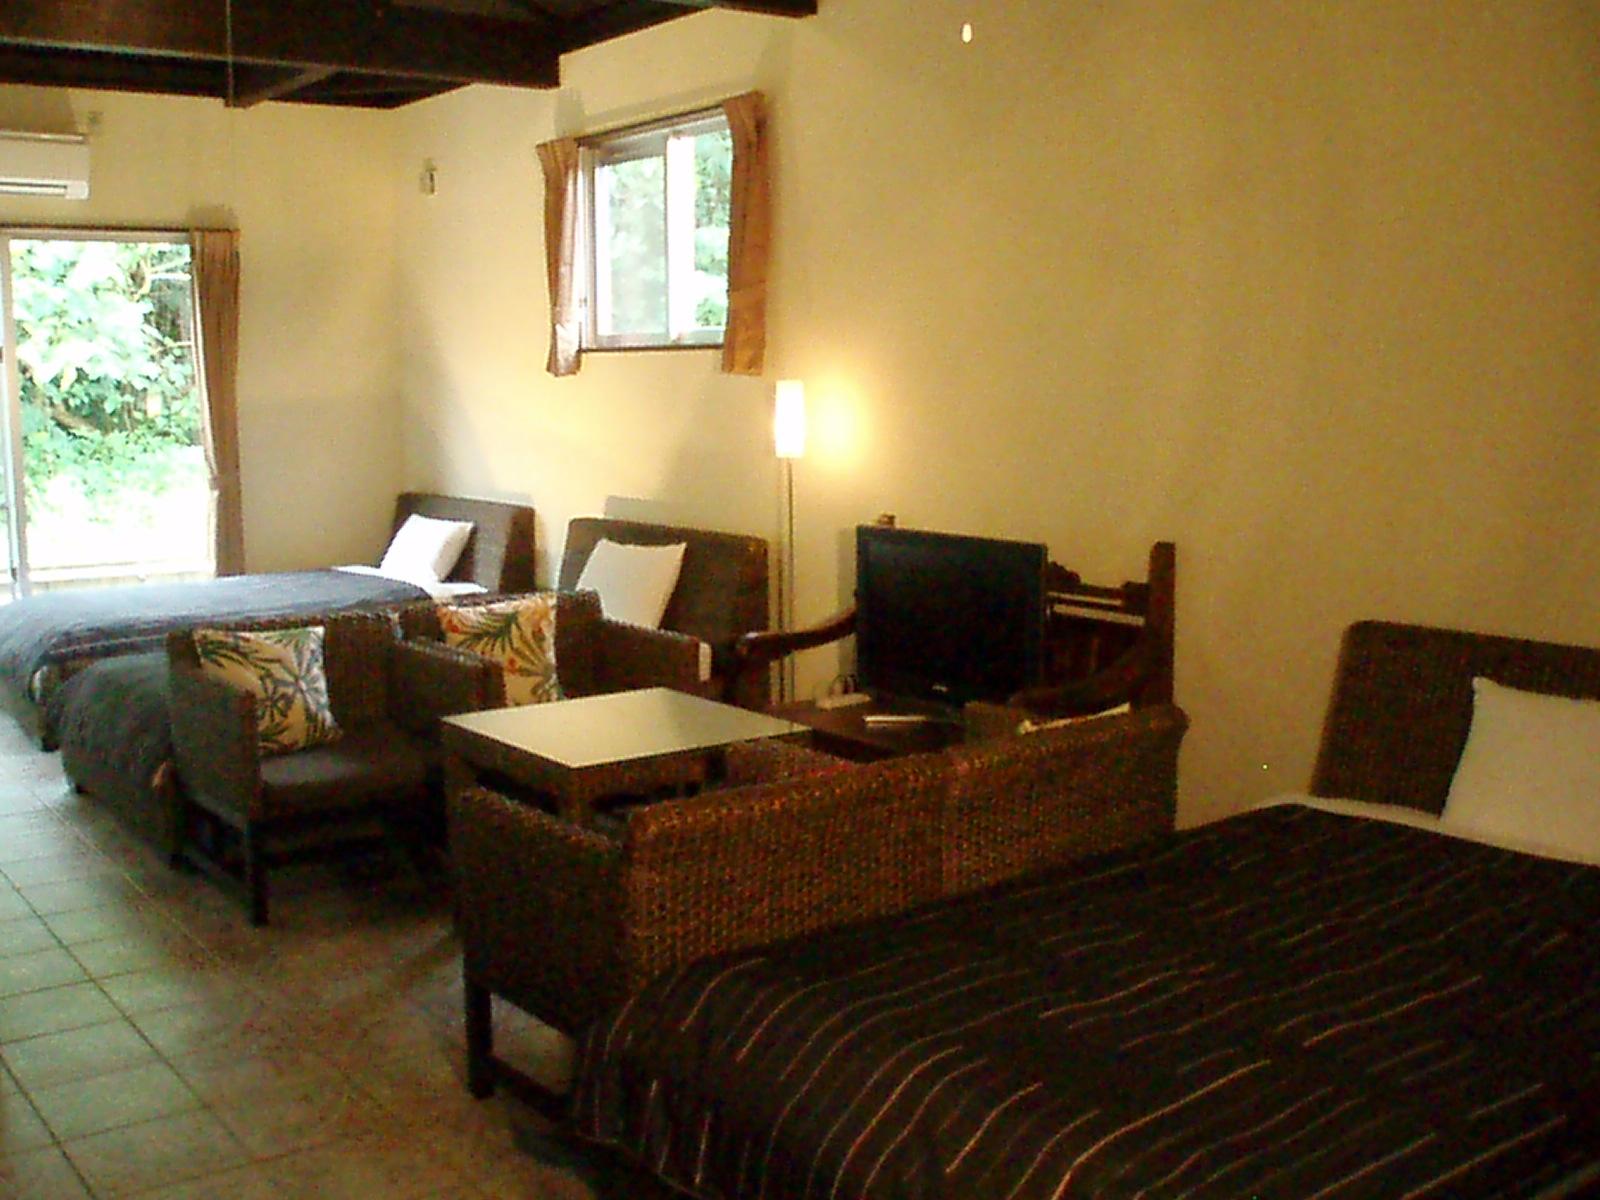 室内は開放感があり、アジアンテイストなインテリアが気分を安らげます。